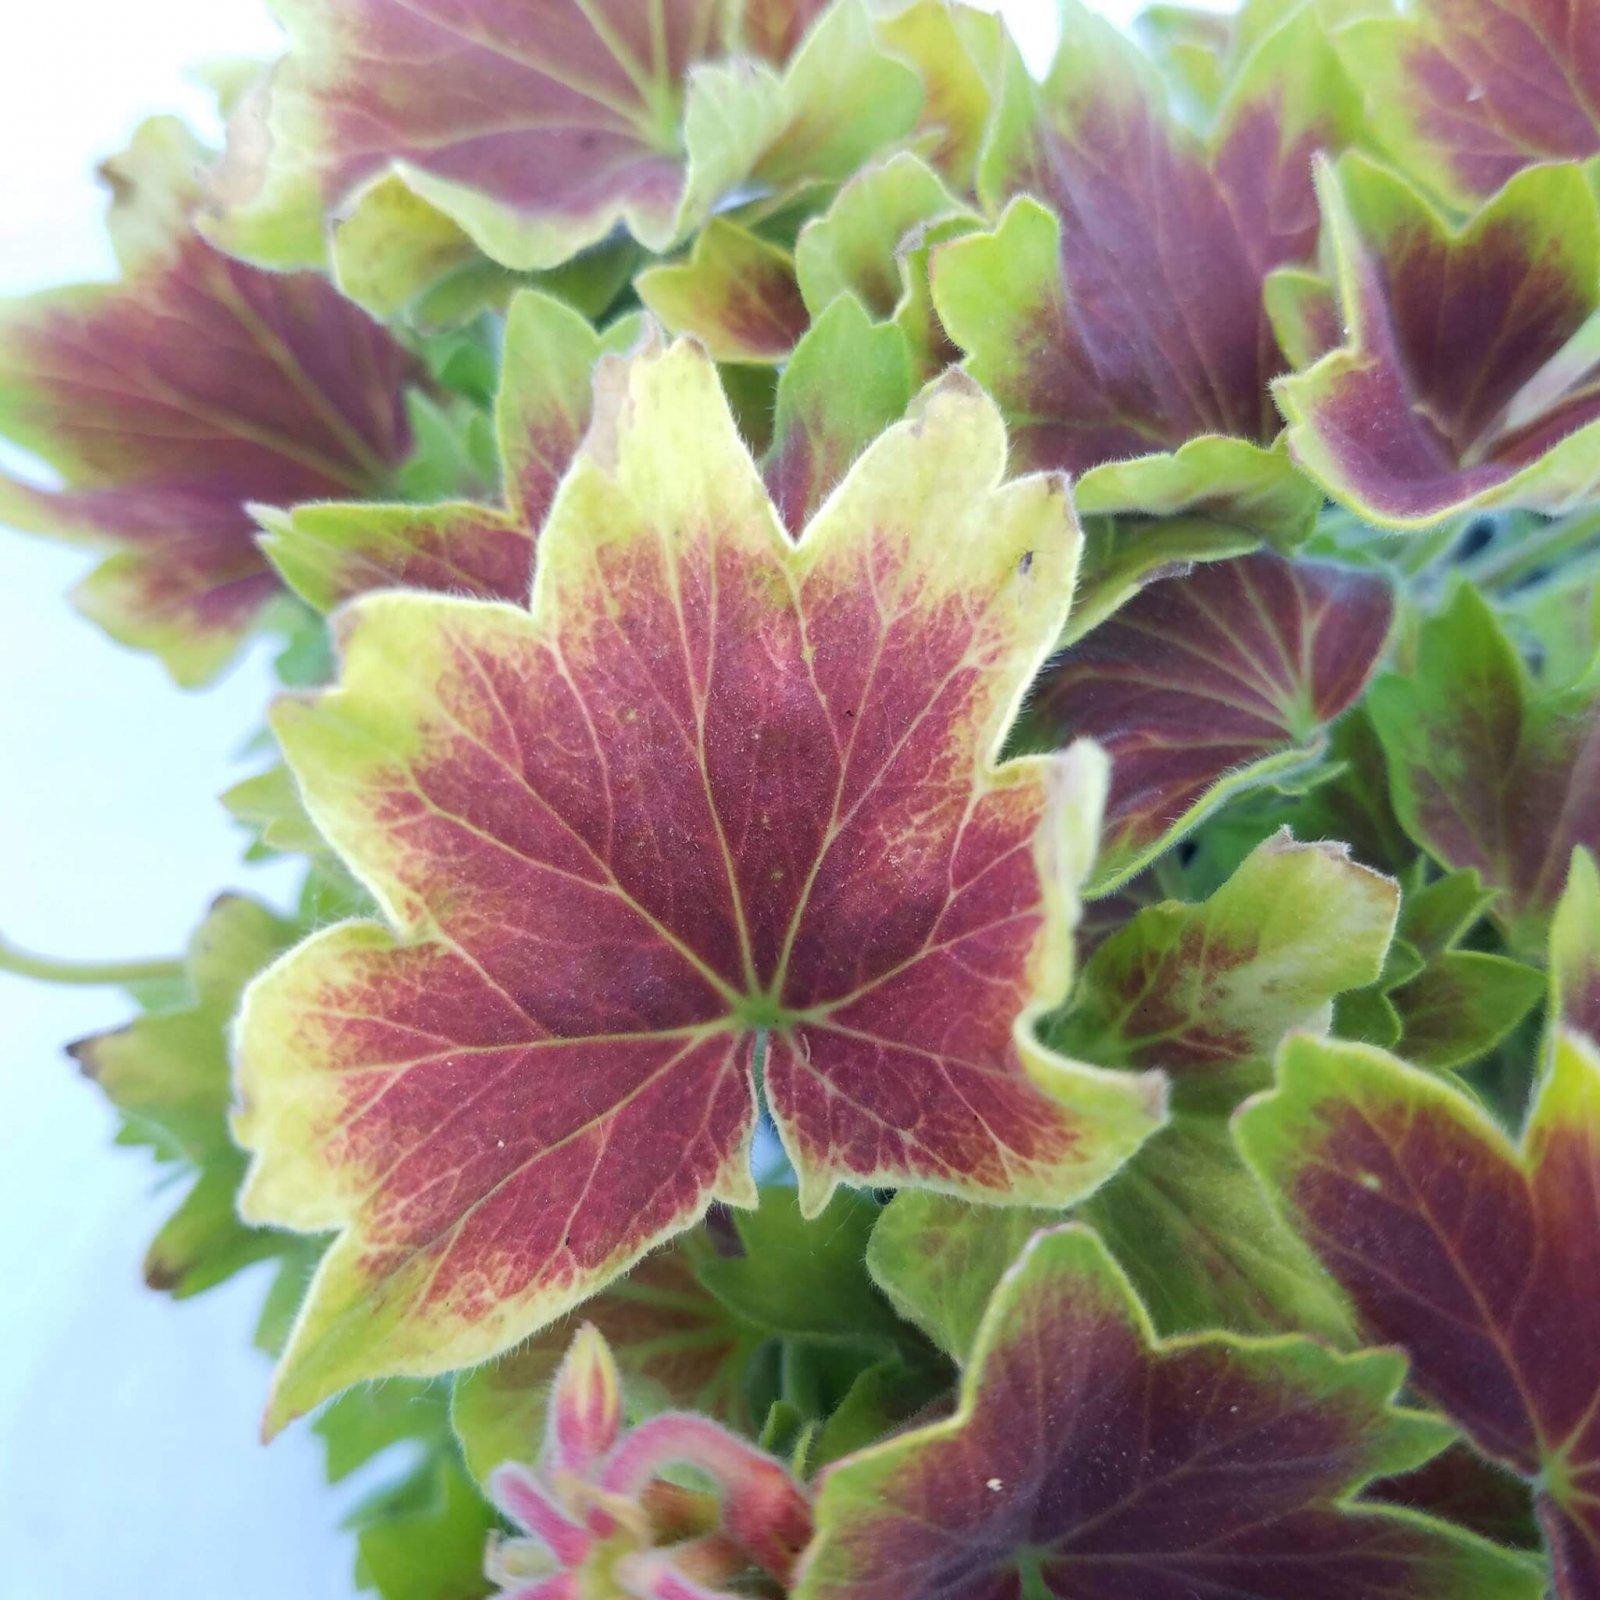 Geranium 'Vancouver' - 4 1/2